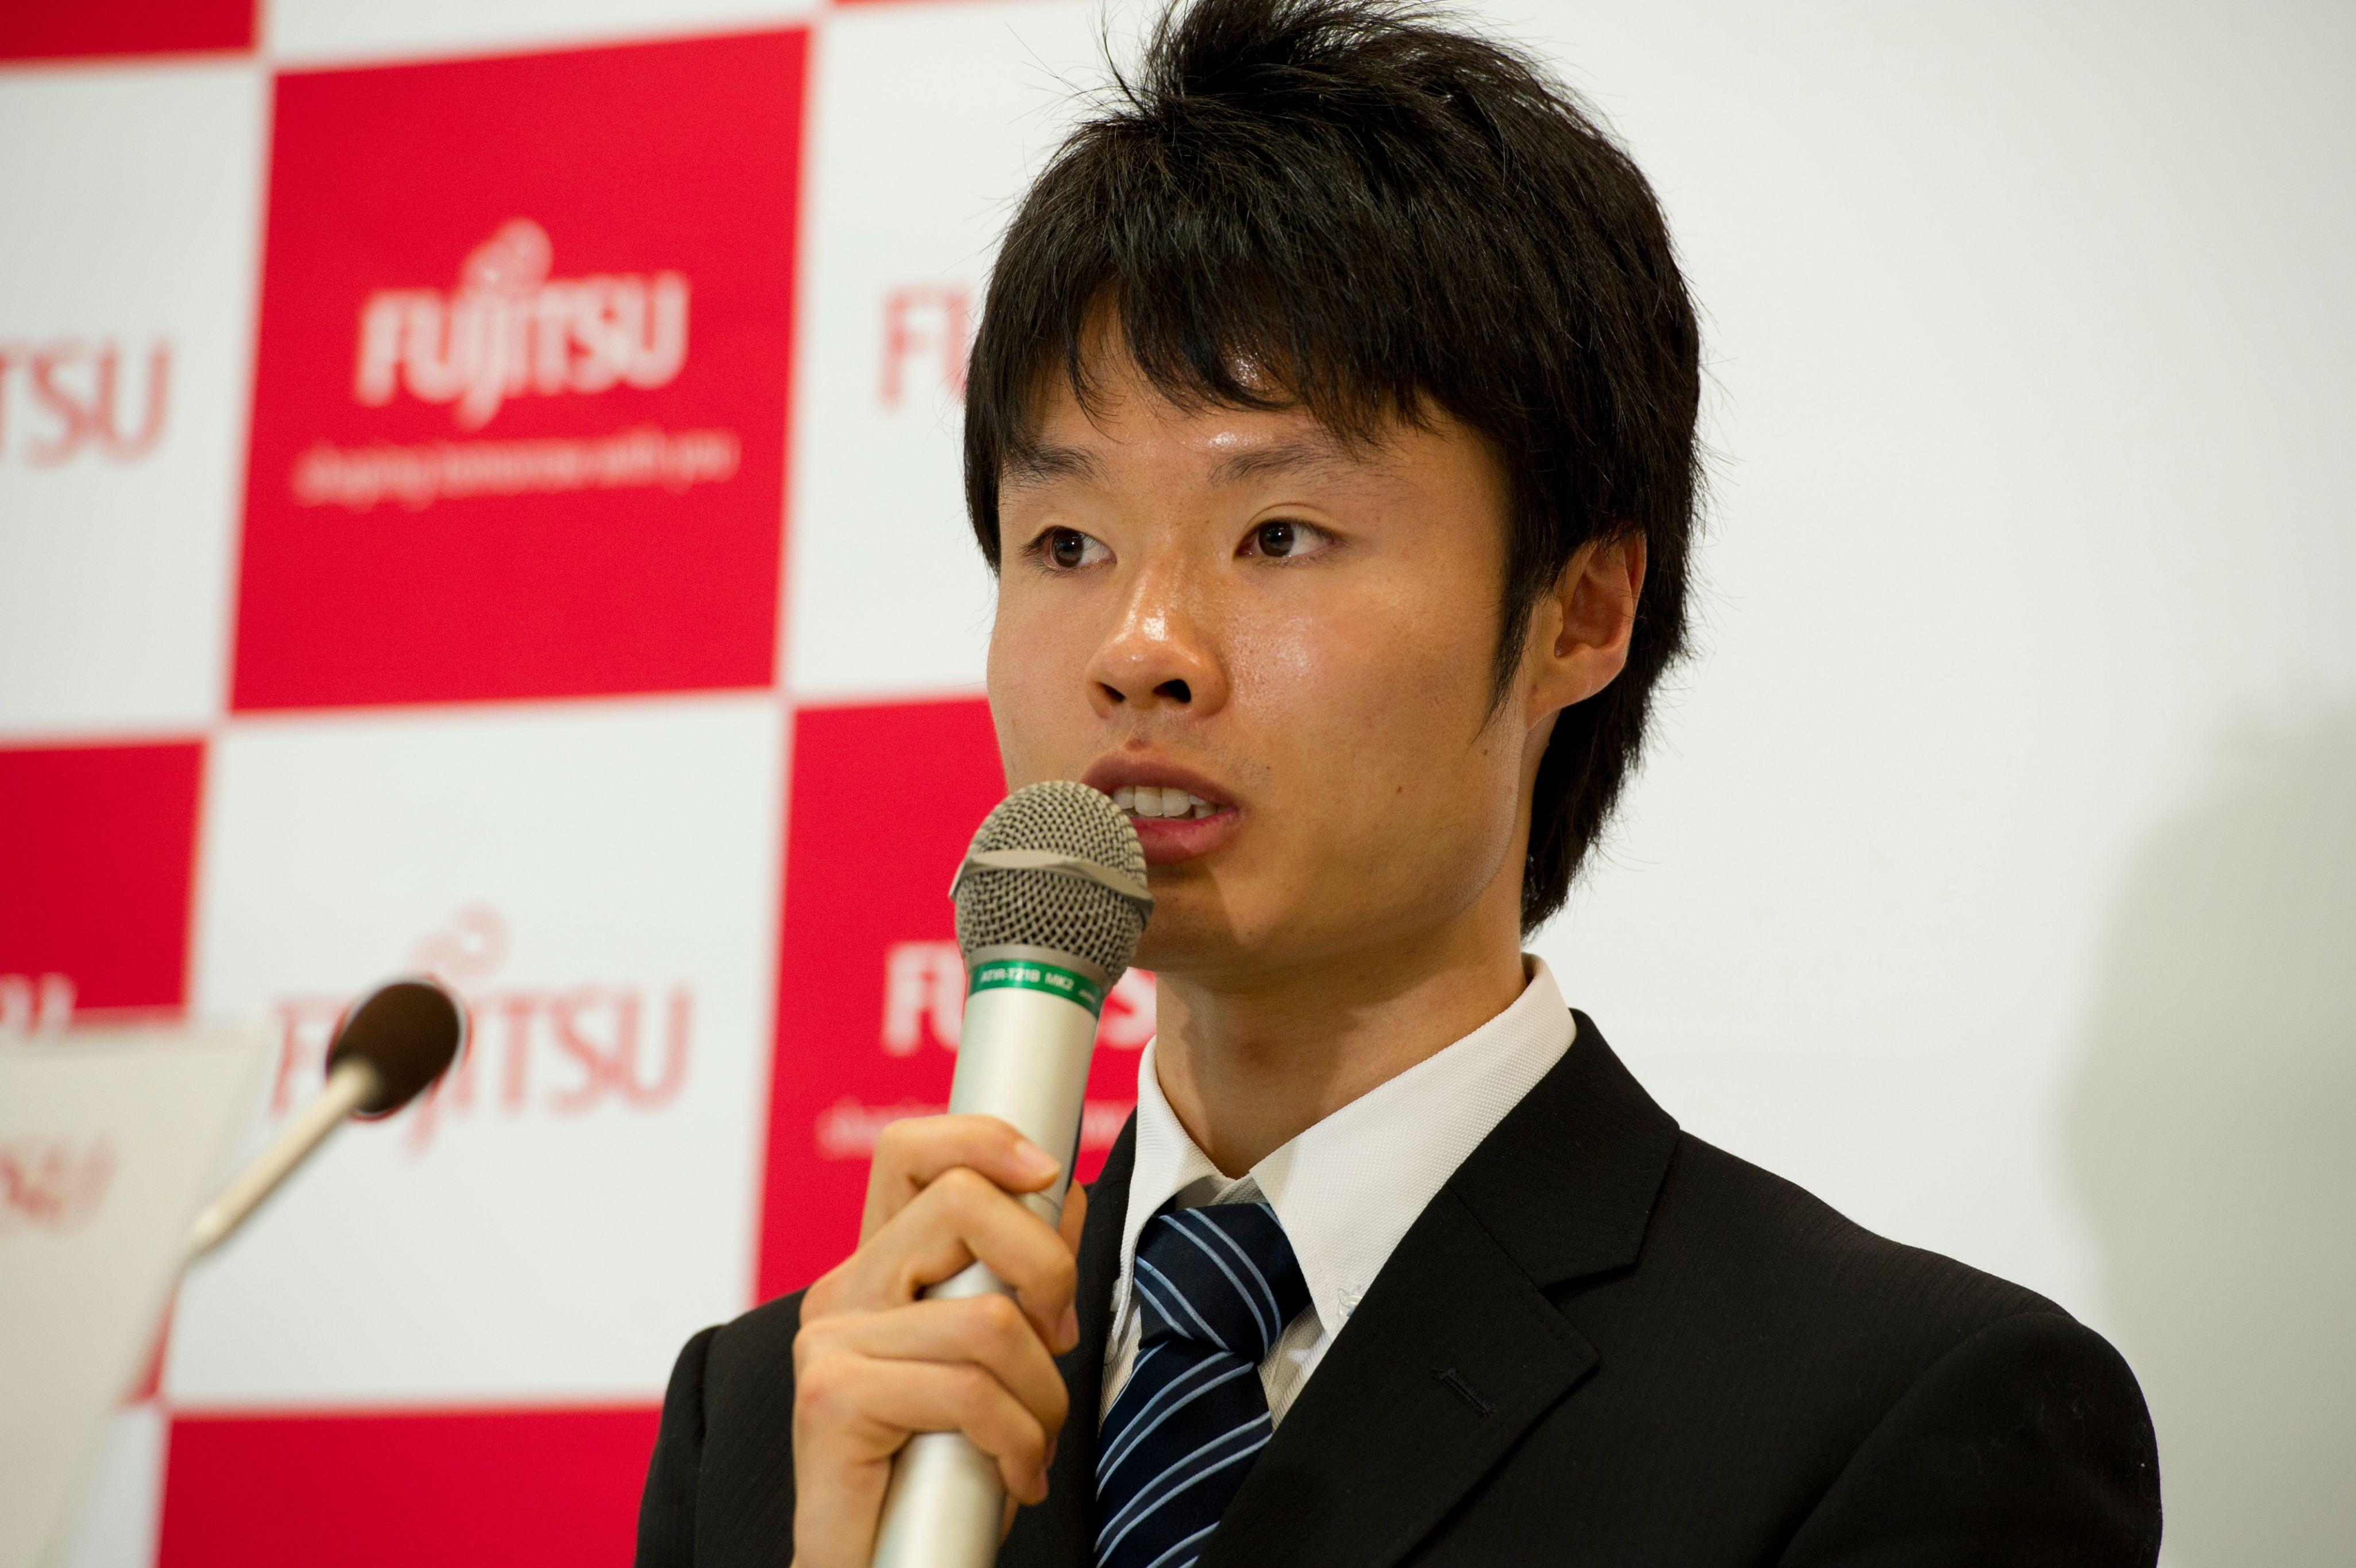 東洋大学卒業後は、富士通へ。入社記者会見も行われた ©Nanae Suzuki